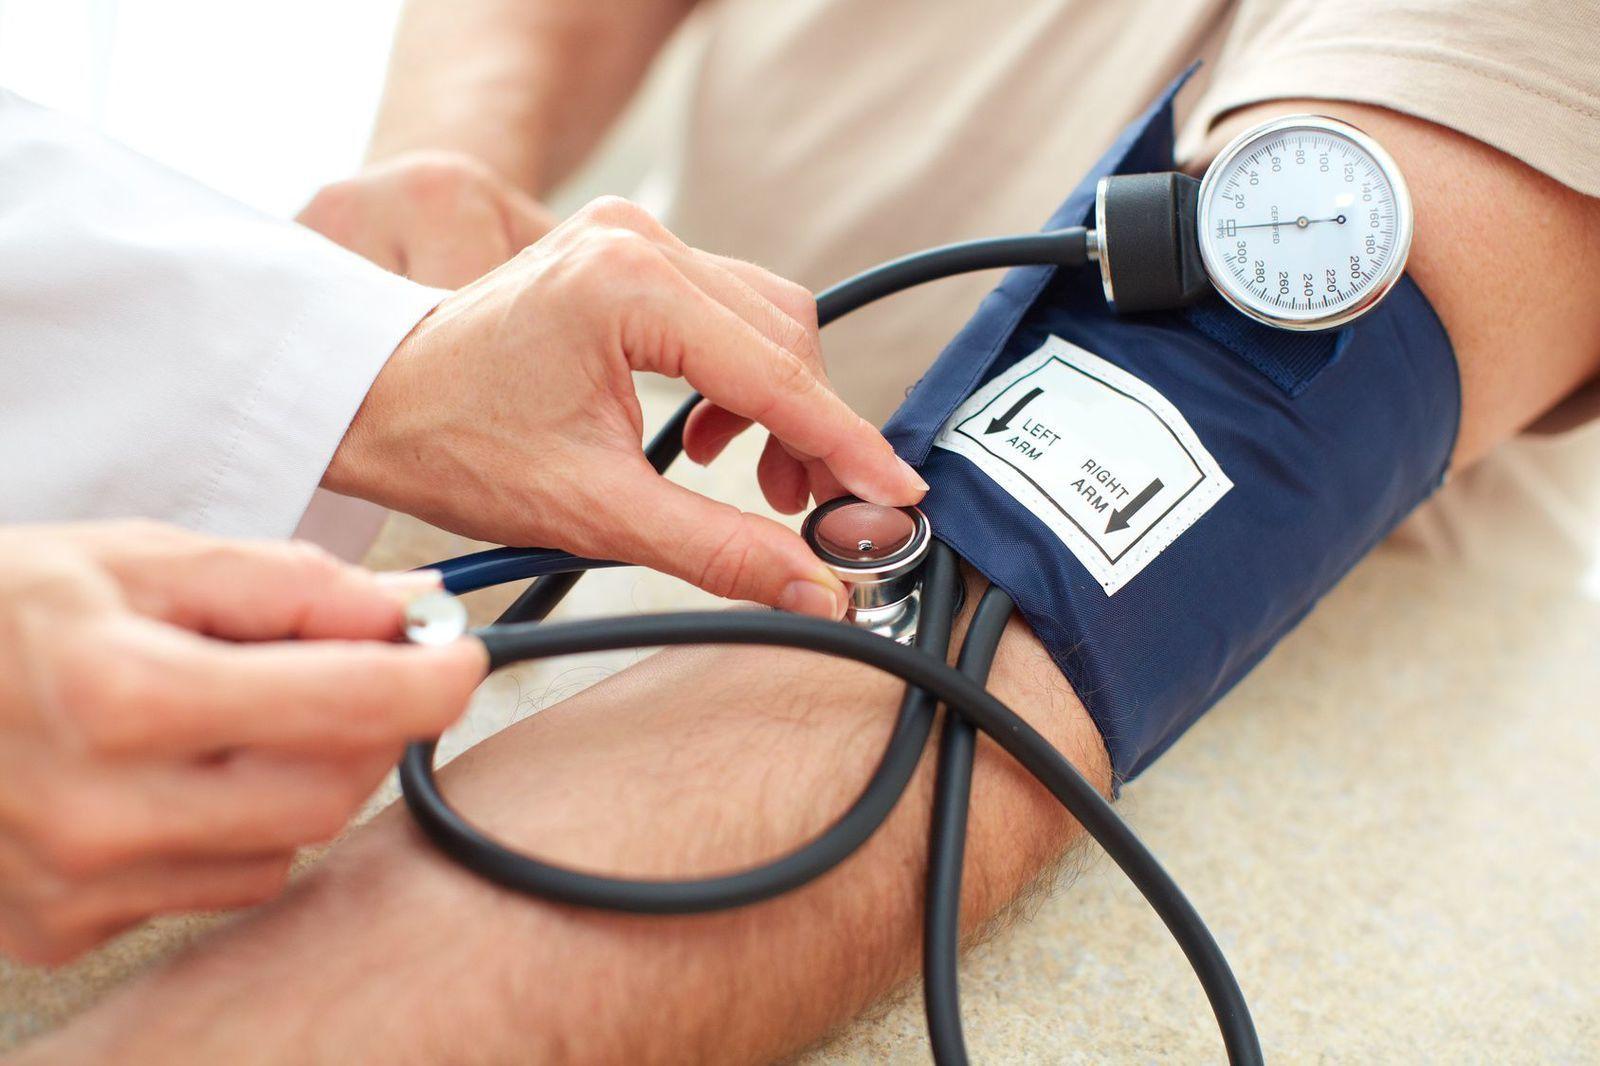 Meilleure assurance santé : pourquoi il faut adhérer à une assurance ?